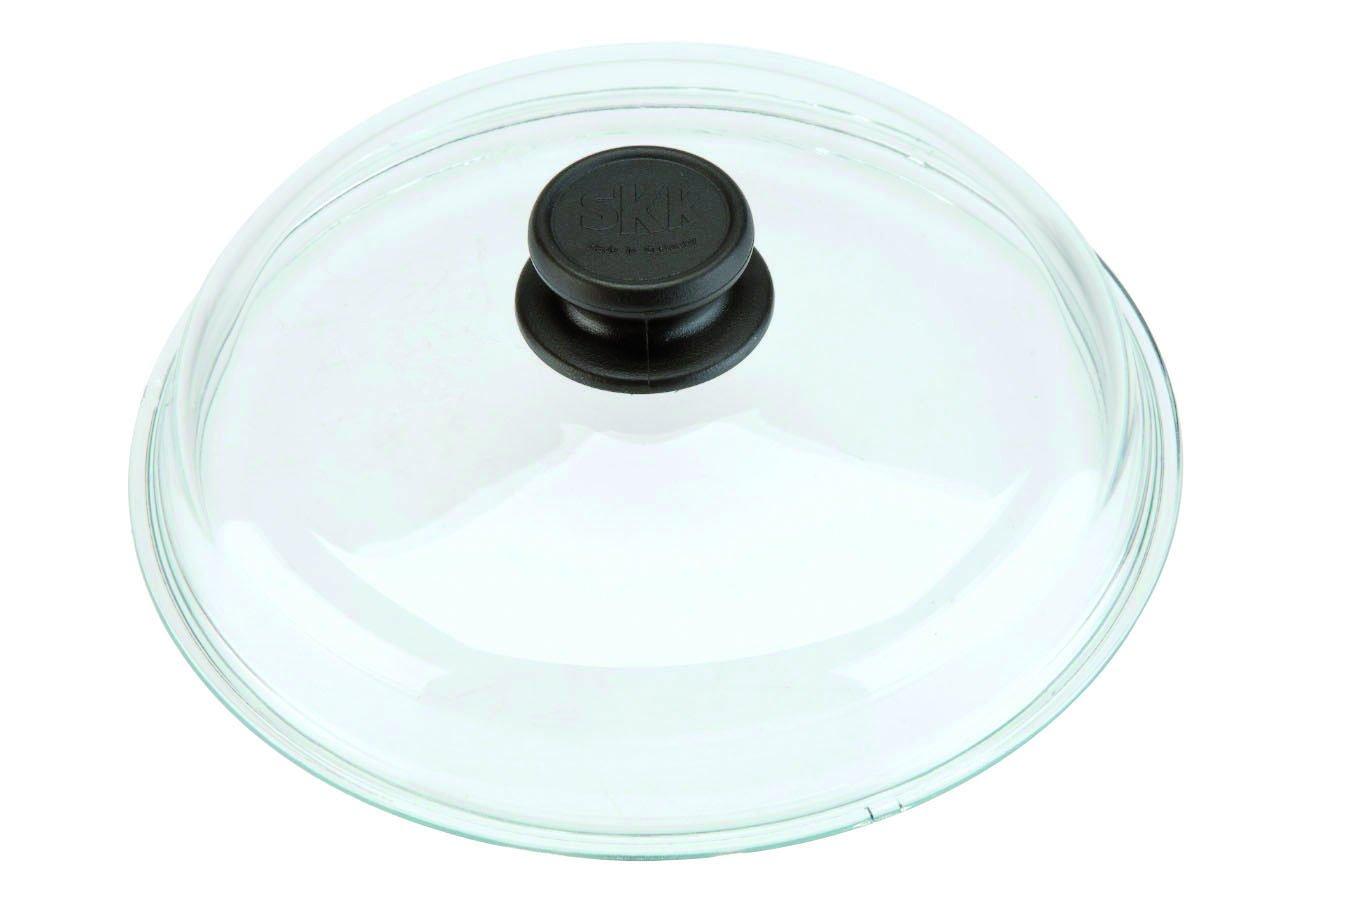 SKK Multipurpose 12.5'' Glass Lid for Pans Pyrex Made in France